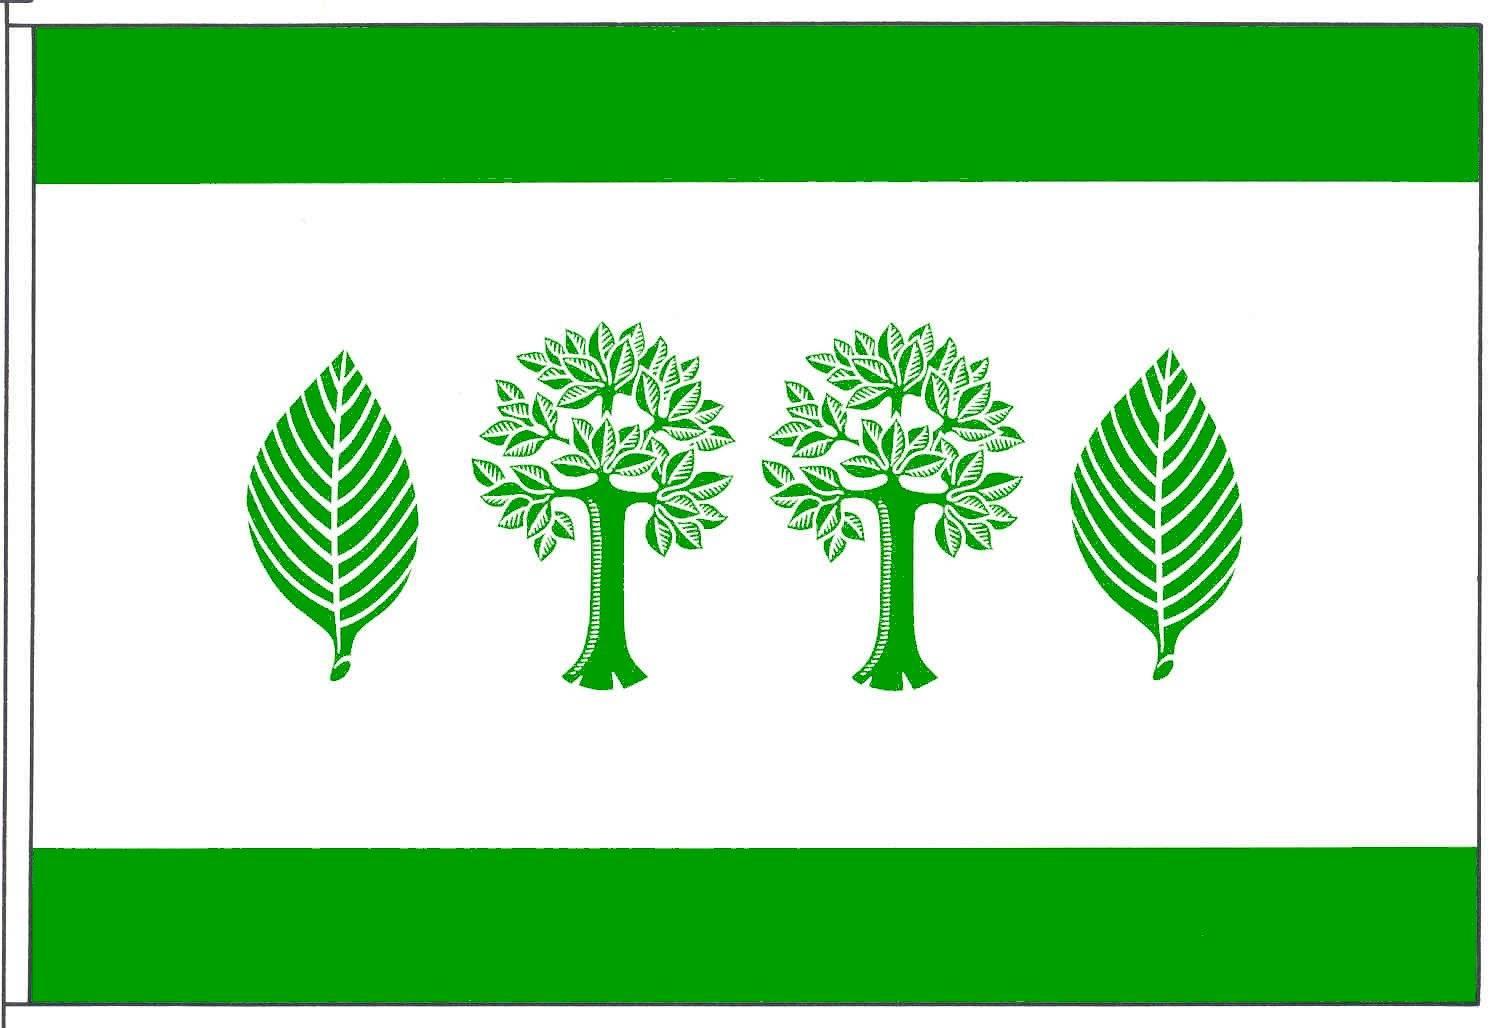 Flagge GemeindeBuchholz, Kreis Dithmarschen